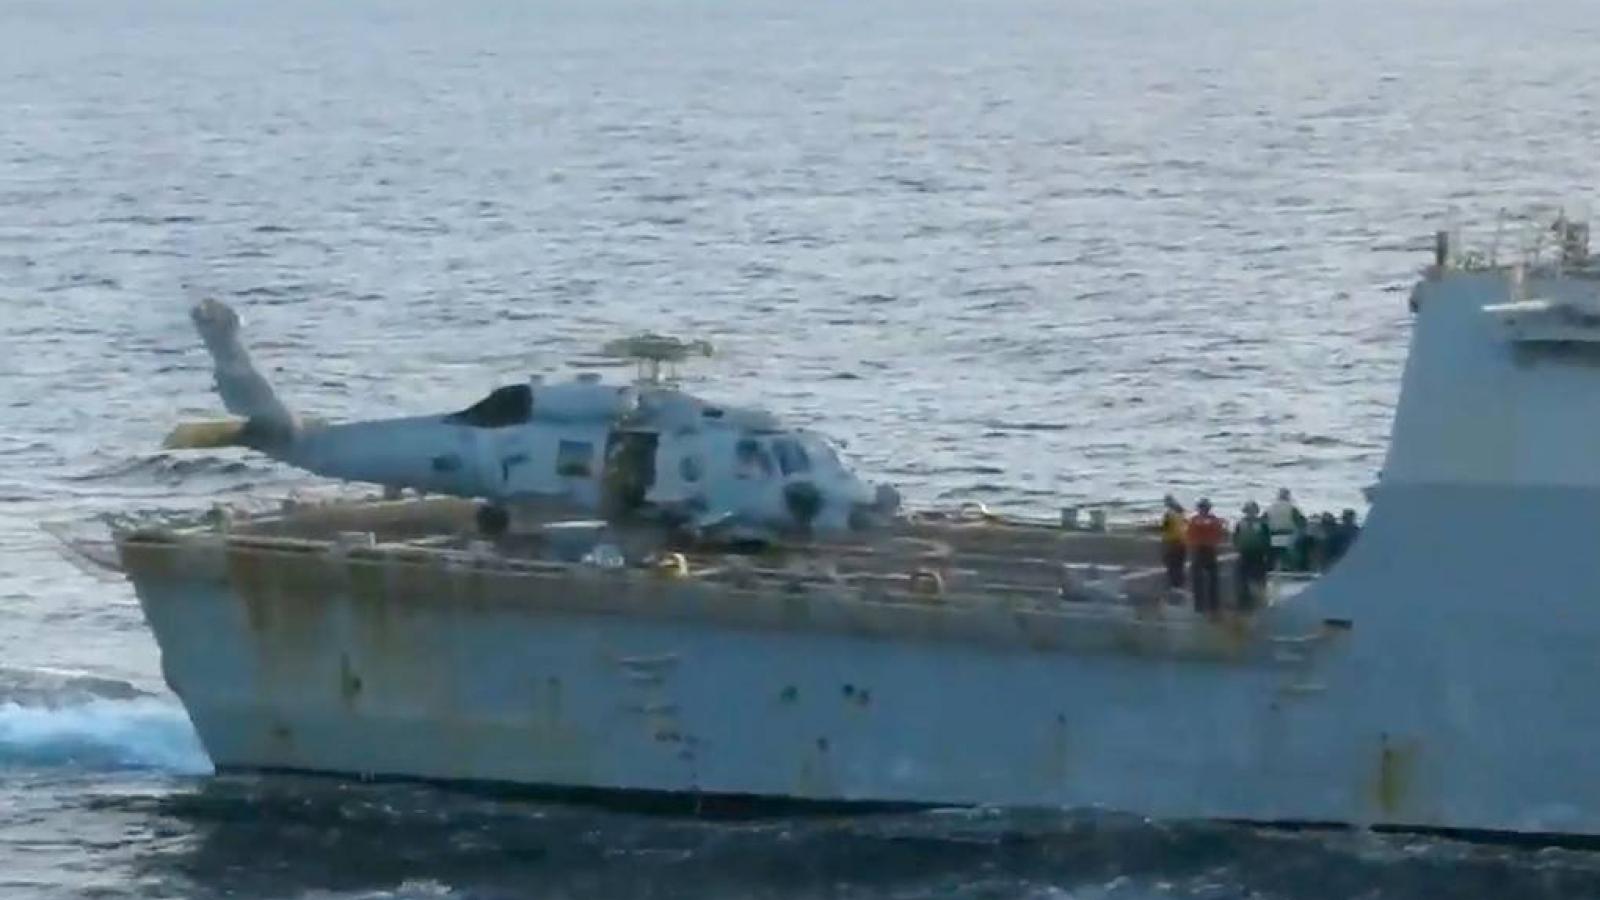 Bộ Quốc phòng Nga triệu Tùy viên quân sự Mỹ do sự cố ở Biển Nhật Bản